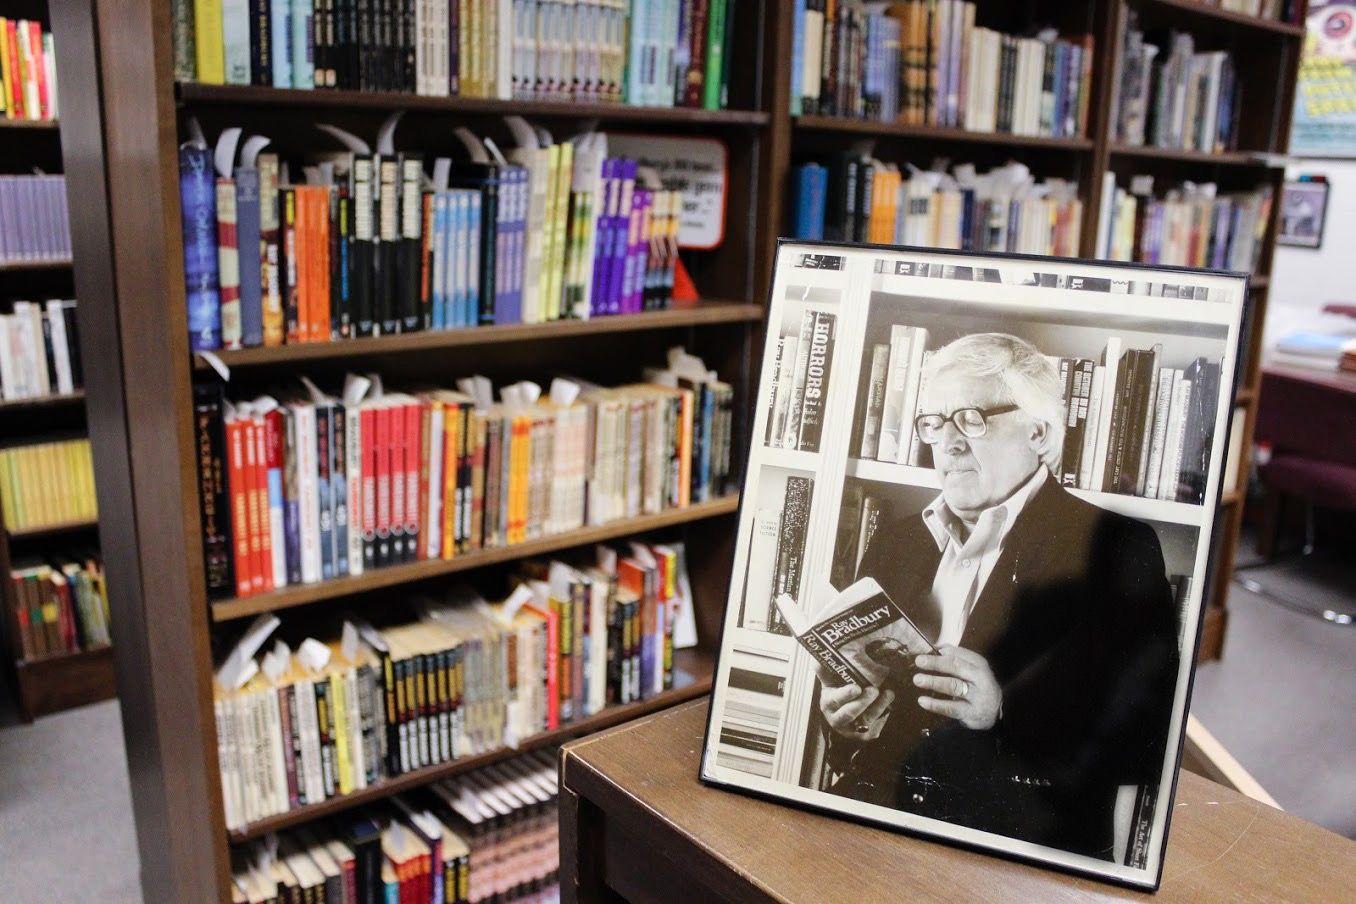 Framed photo of Ray Bradbury in front of bookshelves